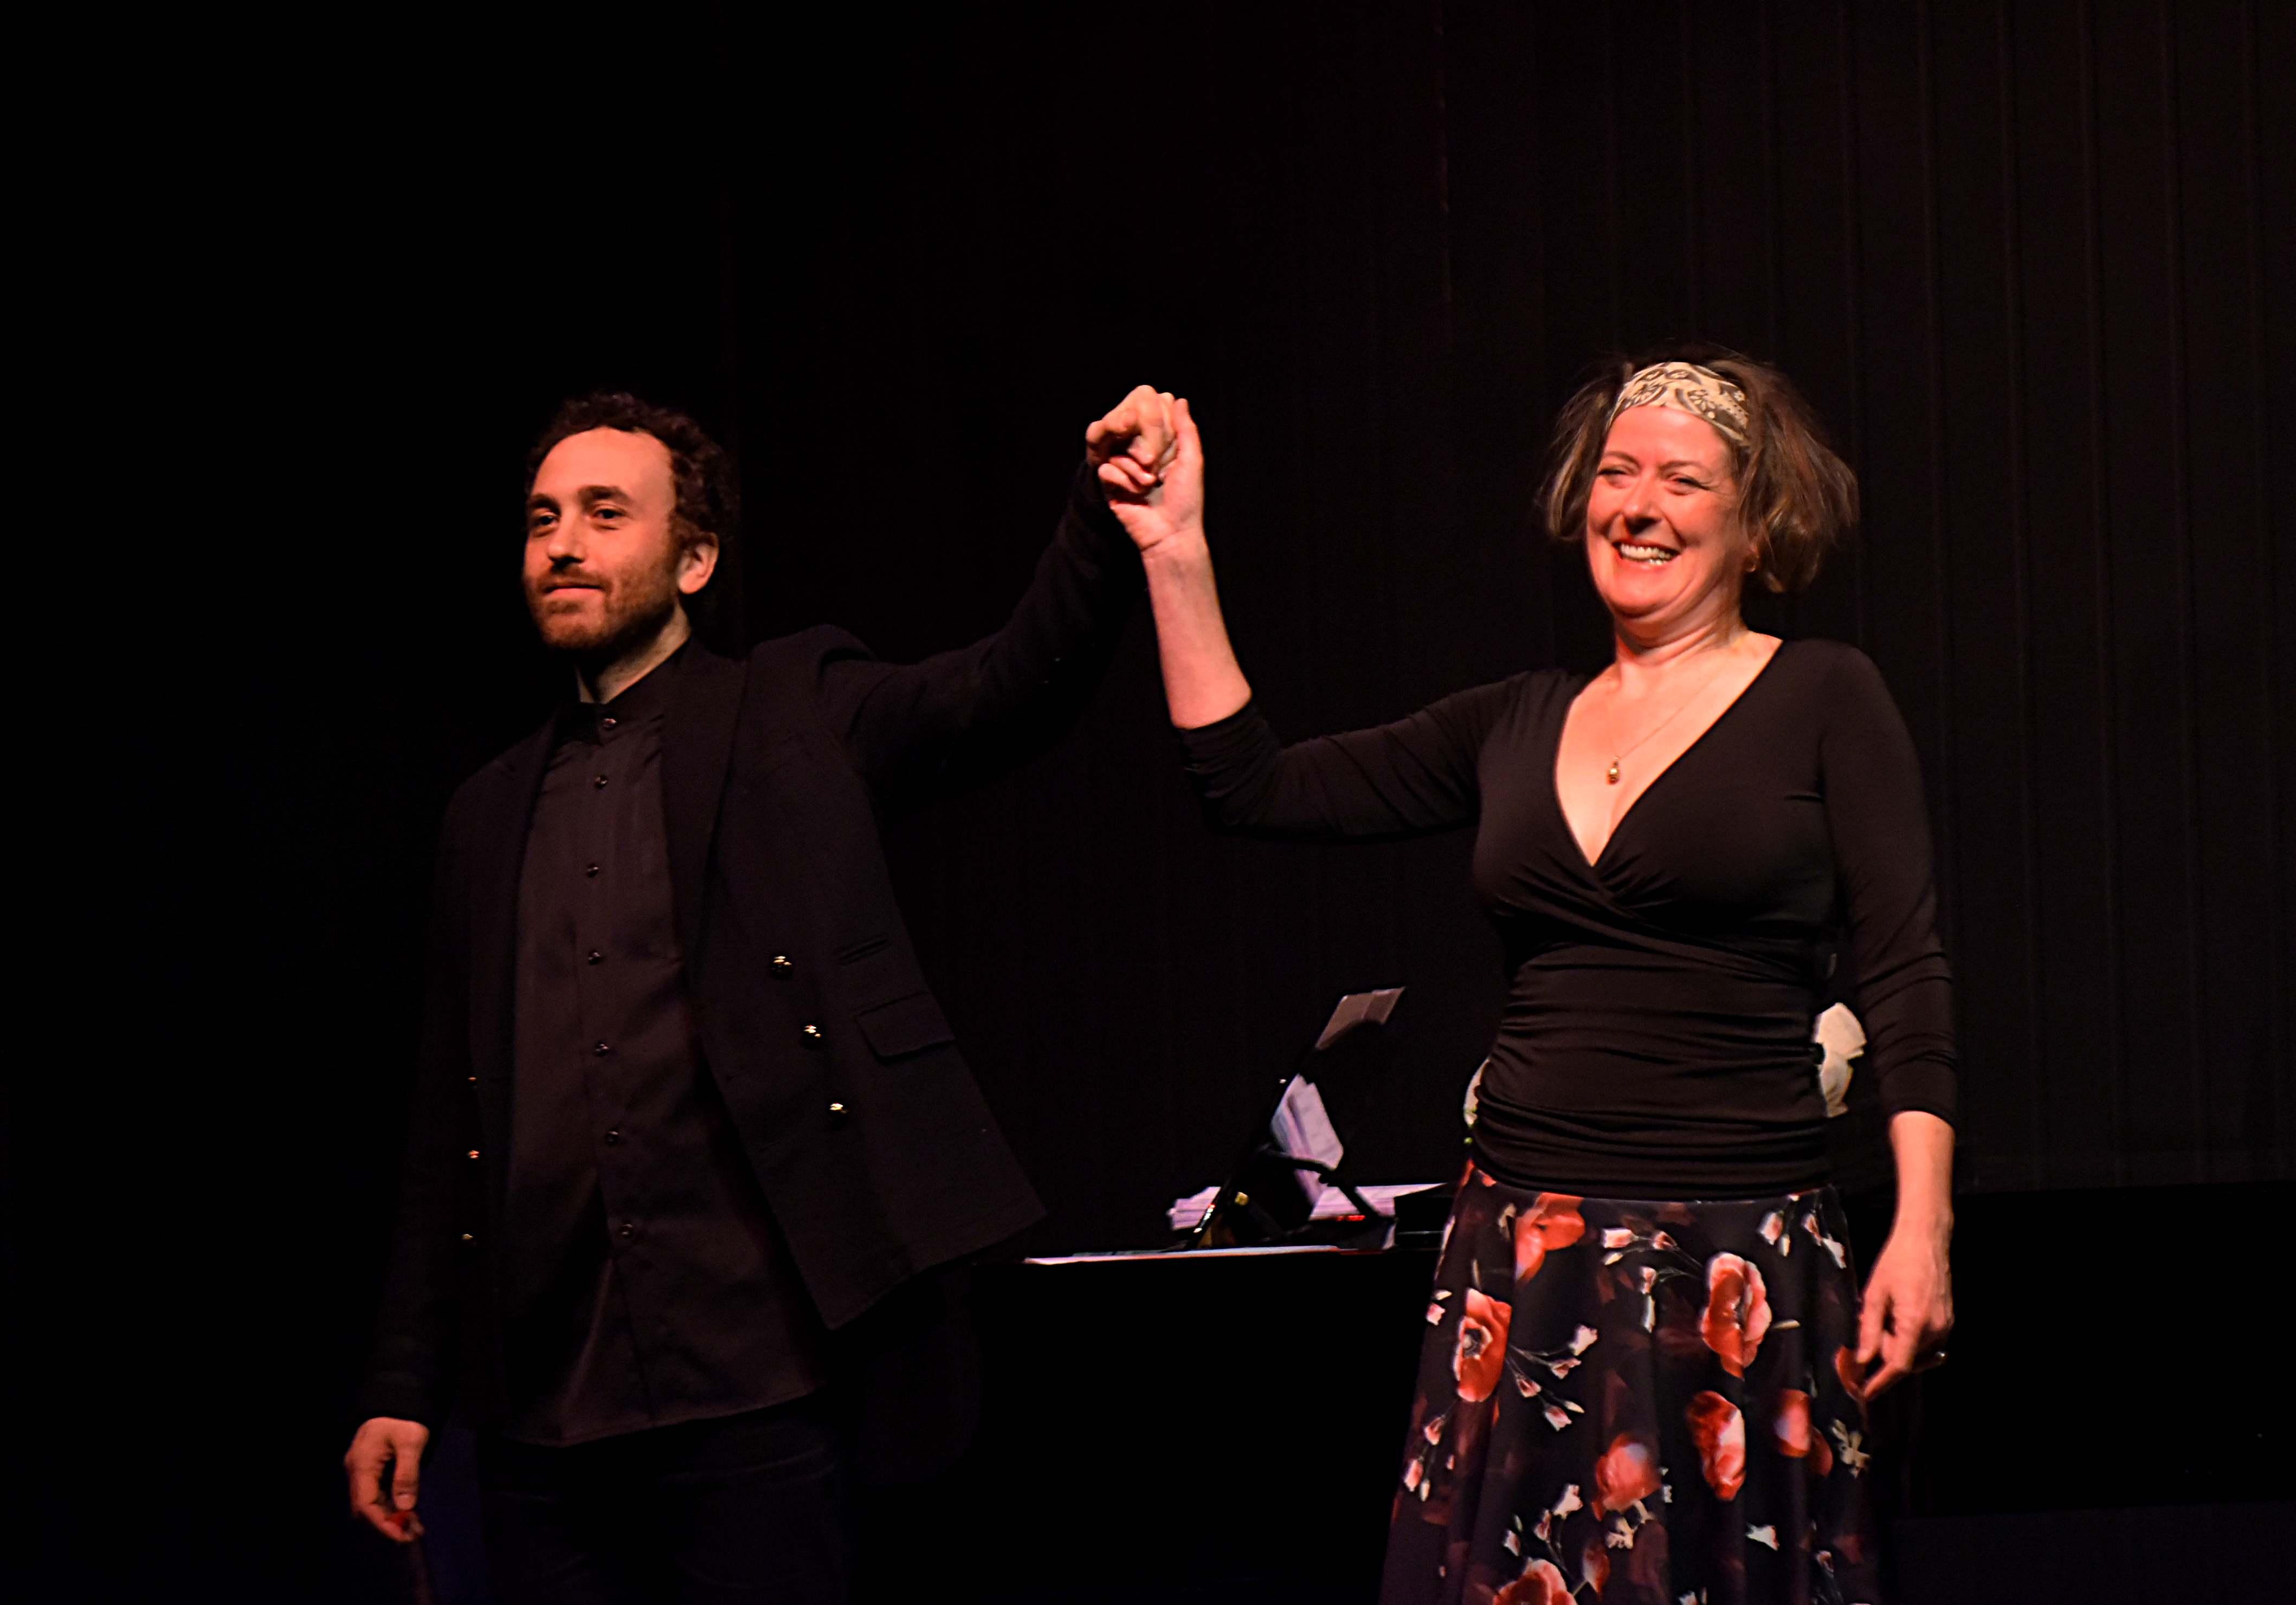 İzmir'de Fransız aşk şarkıları rüzgarı